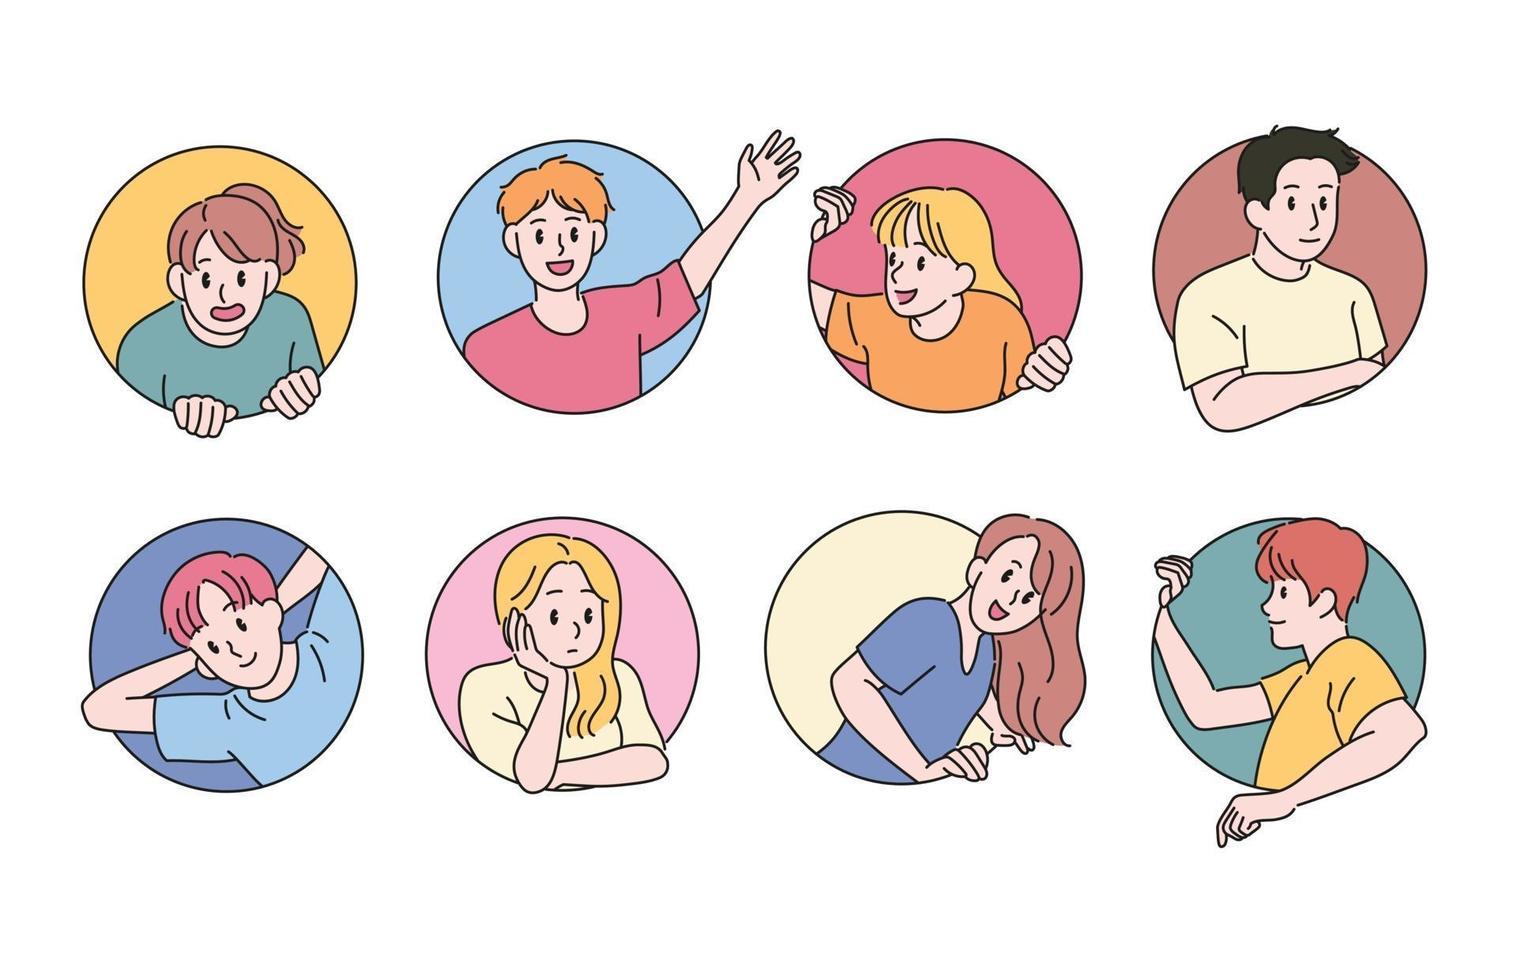 människor sticker ut i cirkeln och gör olika ansiktsuttryck. handritade stilvektordesignillustrationer. vektor